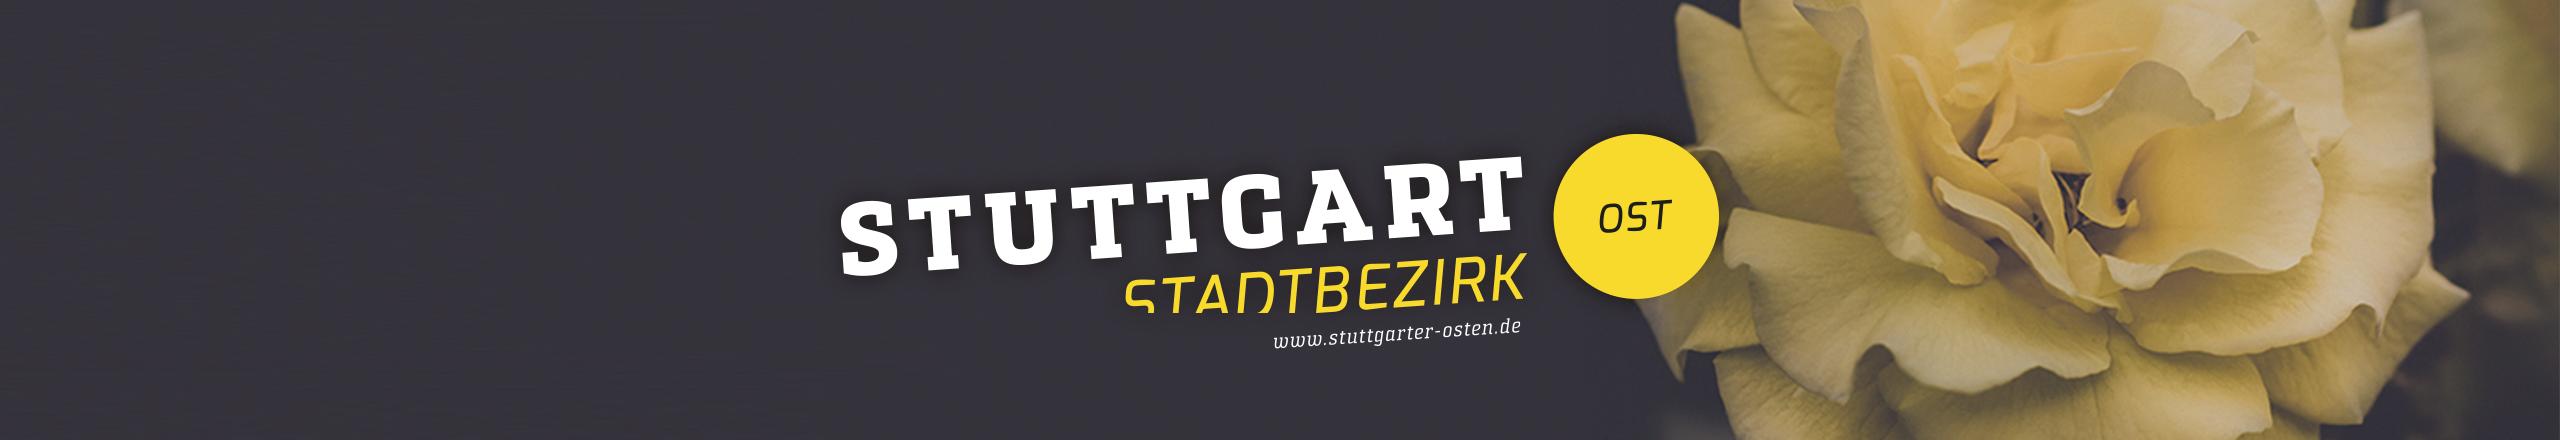 Stuttgart Stadtbezirk Ost – Das echte Stuttgart!